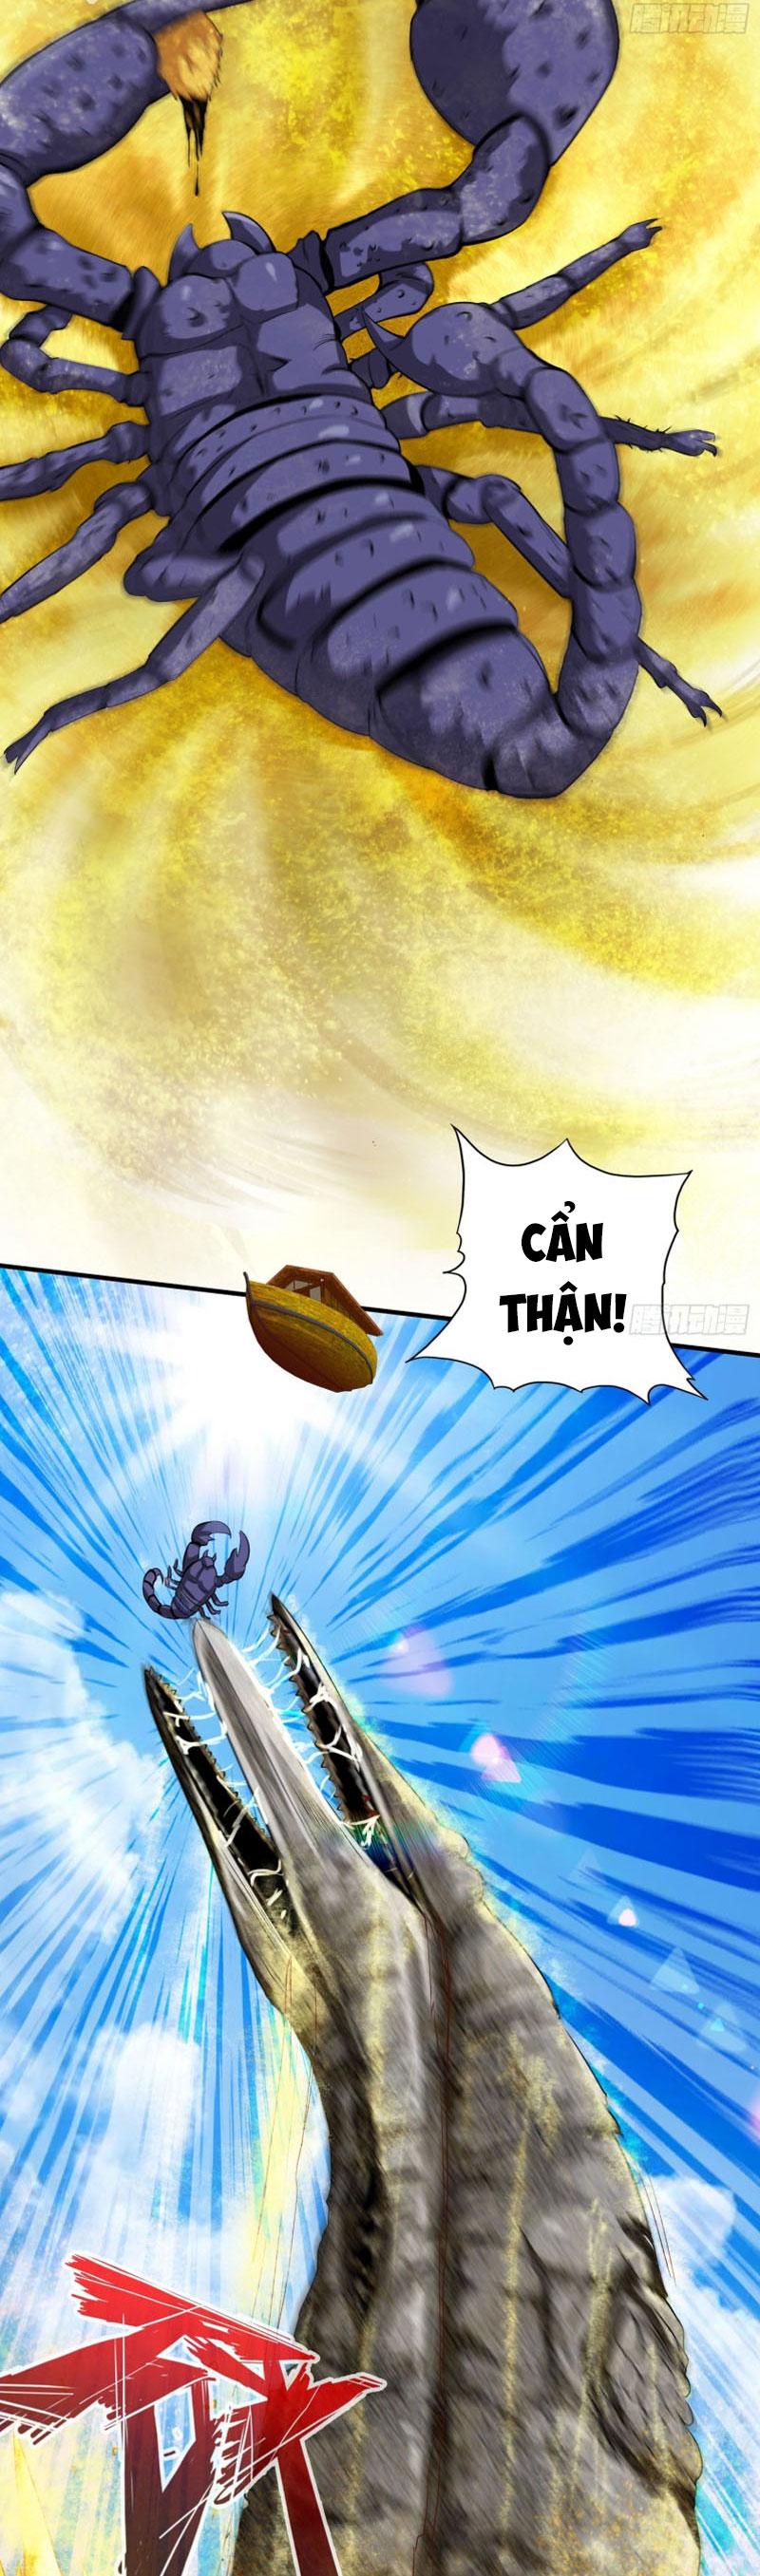 Chư Thiên Ký Chương 287 - Vcomic.net